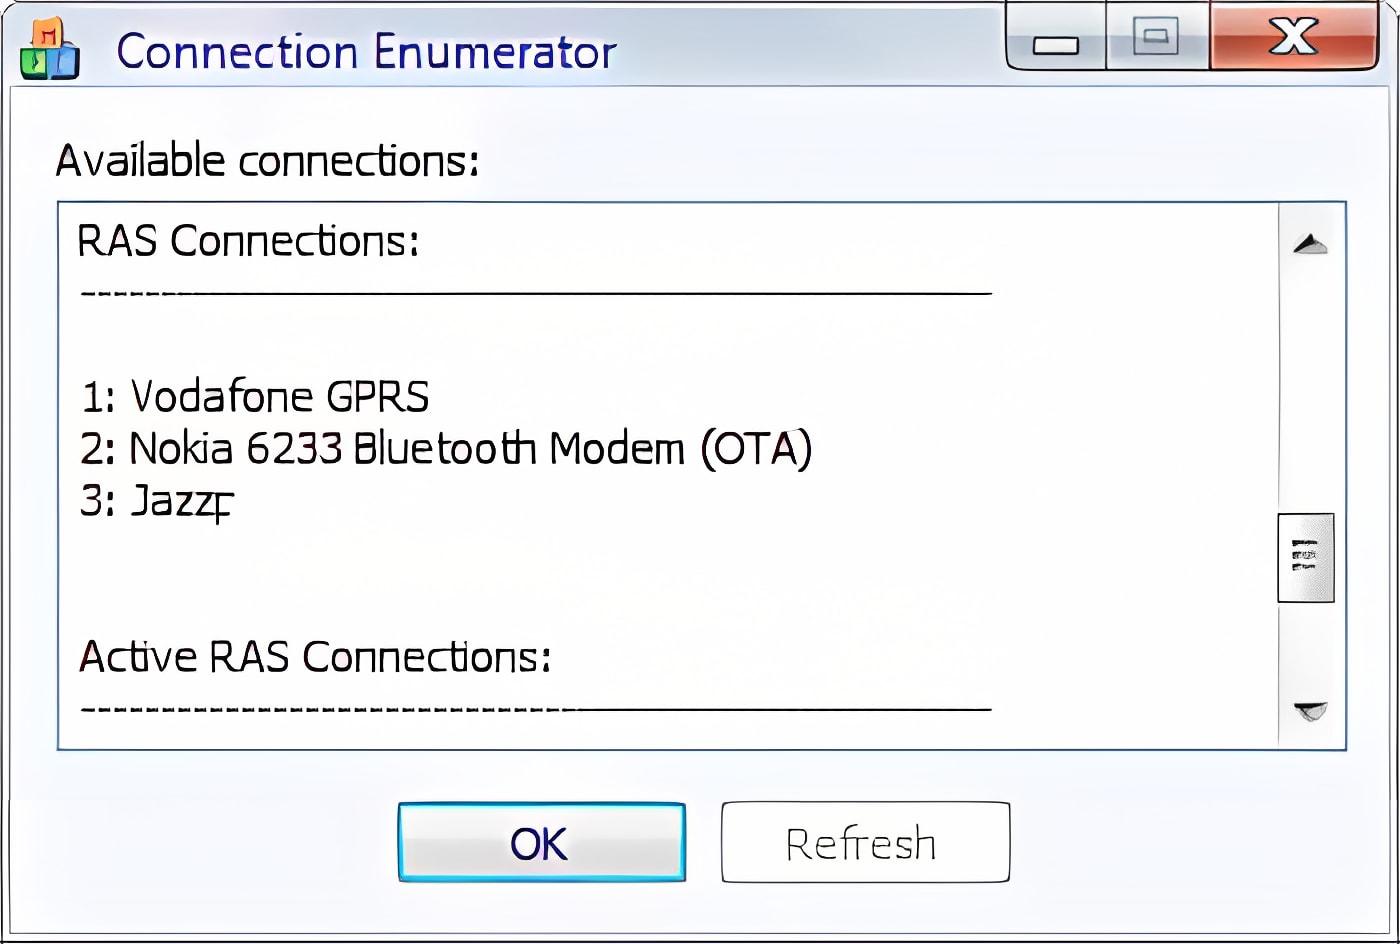 Connection Enumerator